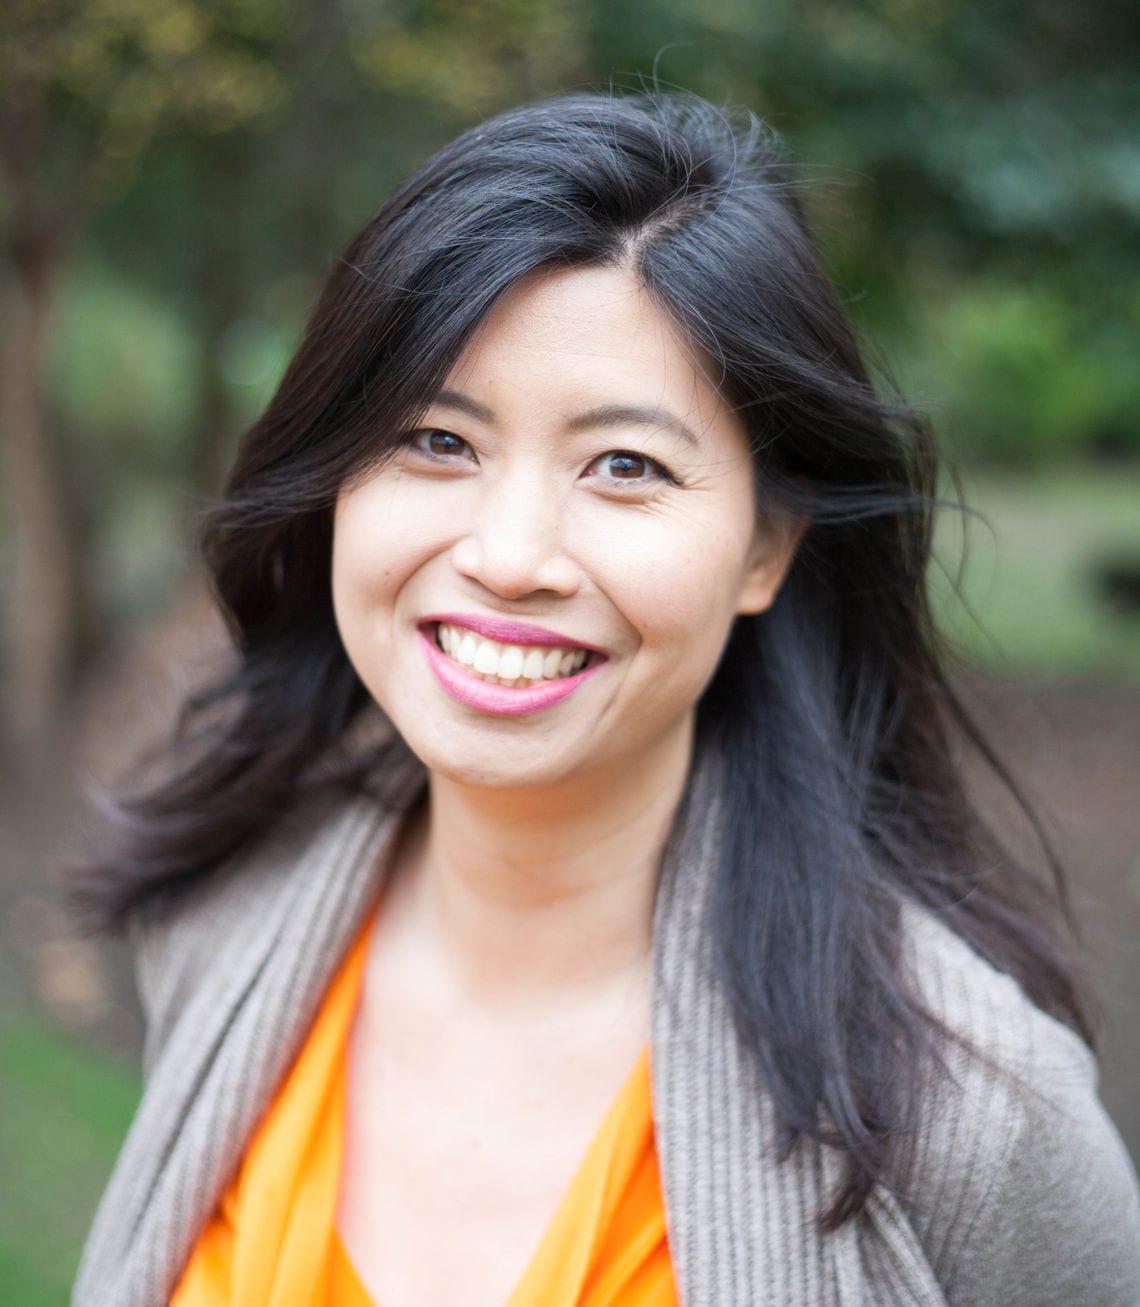 """Die taiwanischstämmige US-Amerikanerin Winnie M Li ist heute 39 Jahre alt. Dass sie vor zehn Jahren vergewaltigt wurde, hat sie inzwischen """"weitgehend"""" verarbeitet – auch in ihrem Buch """"Nein""""."""